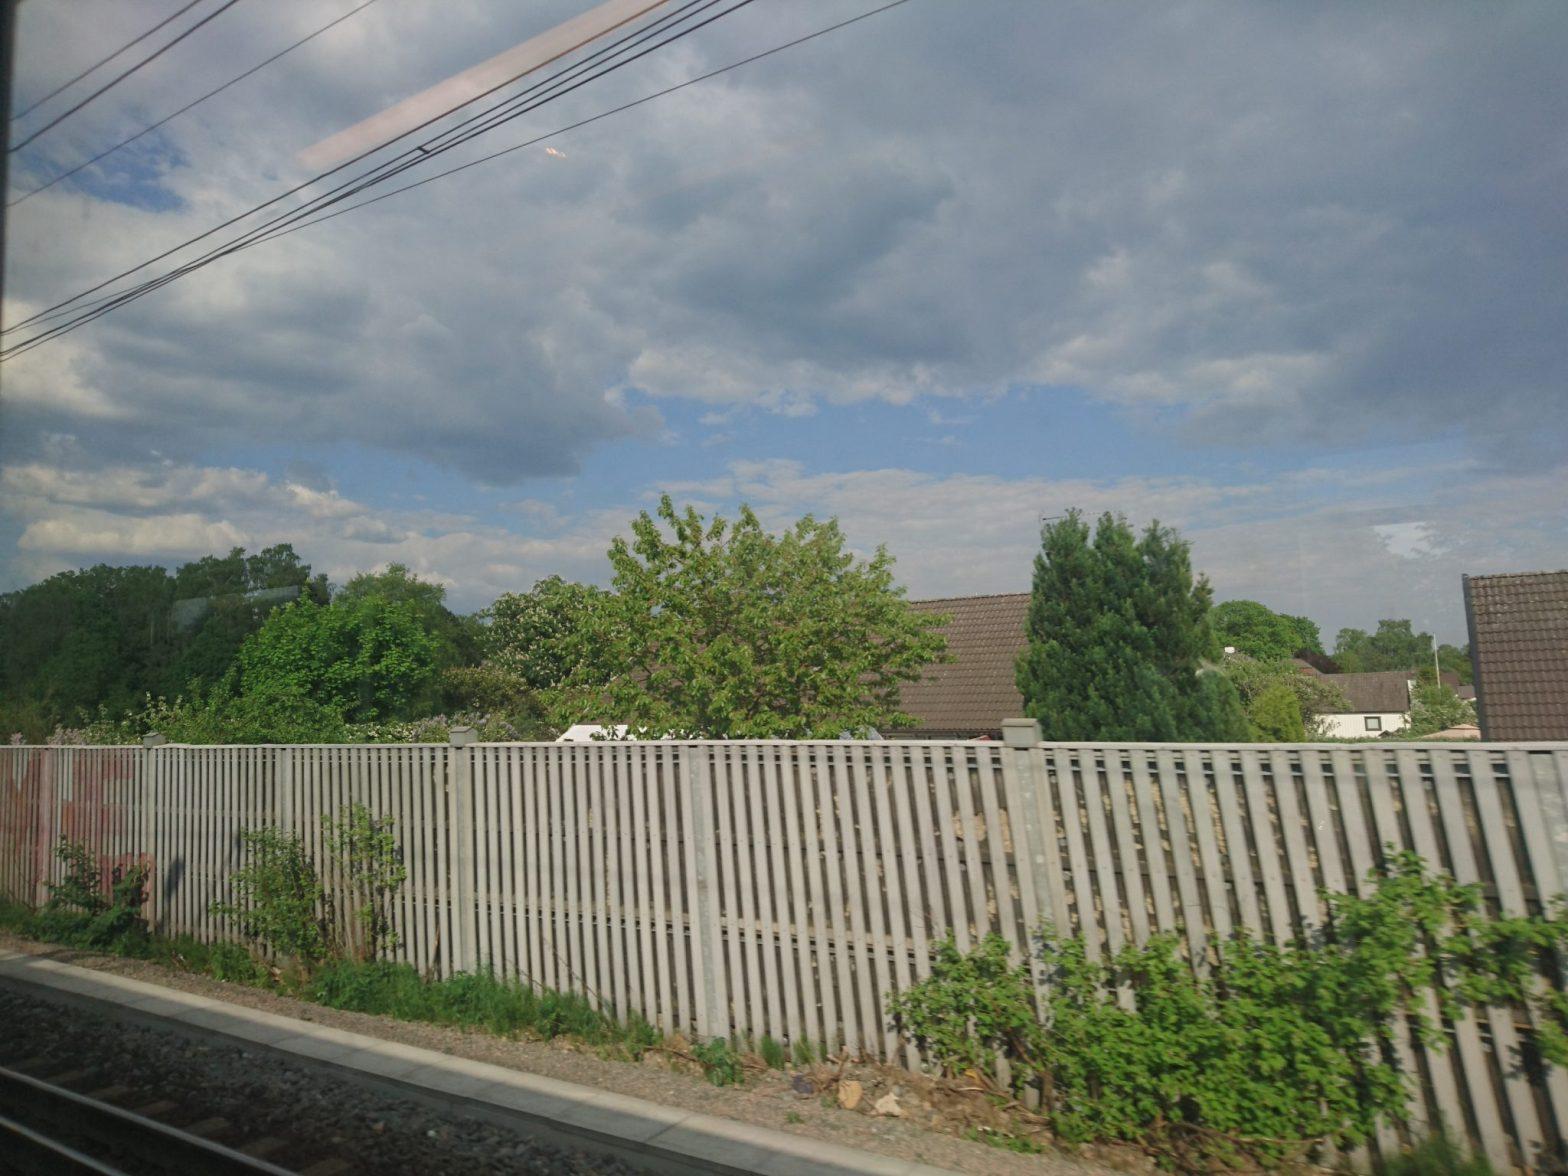 Utsikt från tåget mot Hässleholms södra förstäder